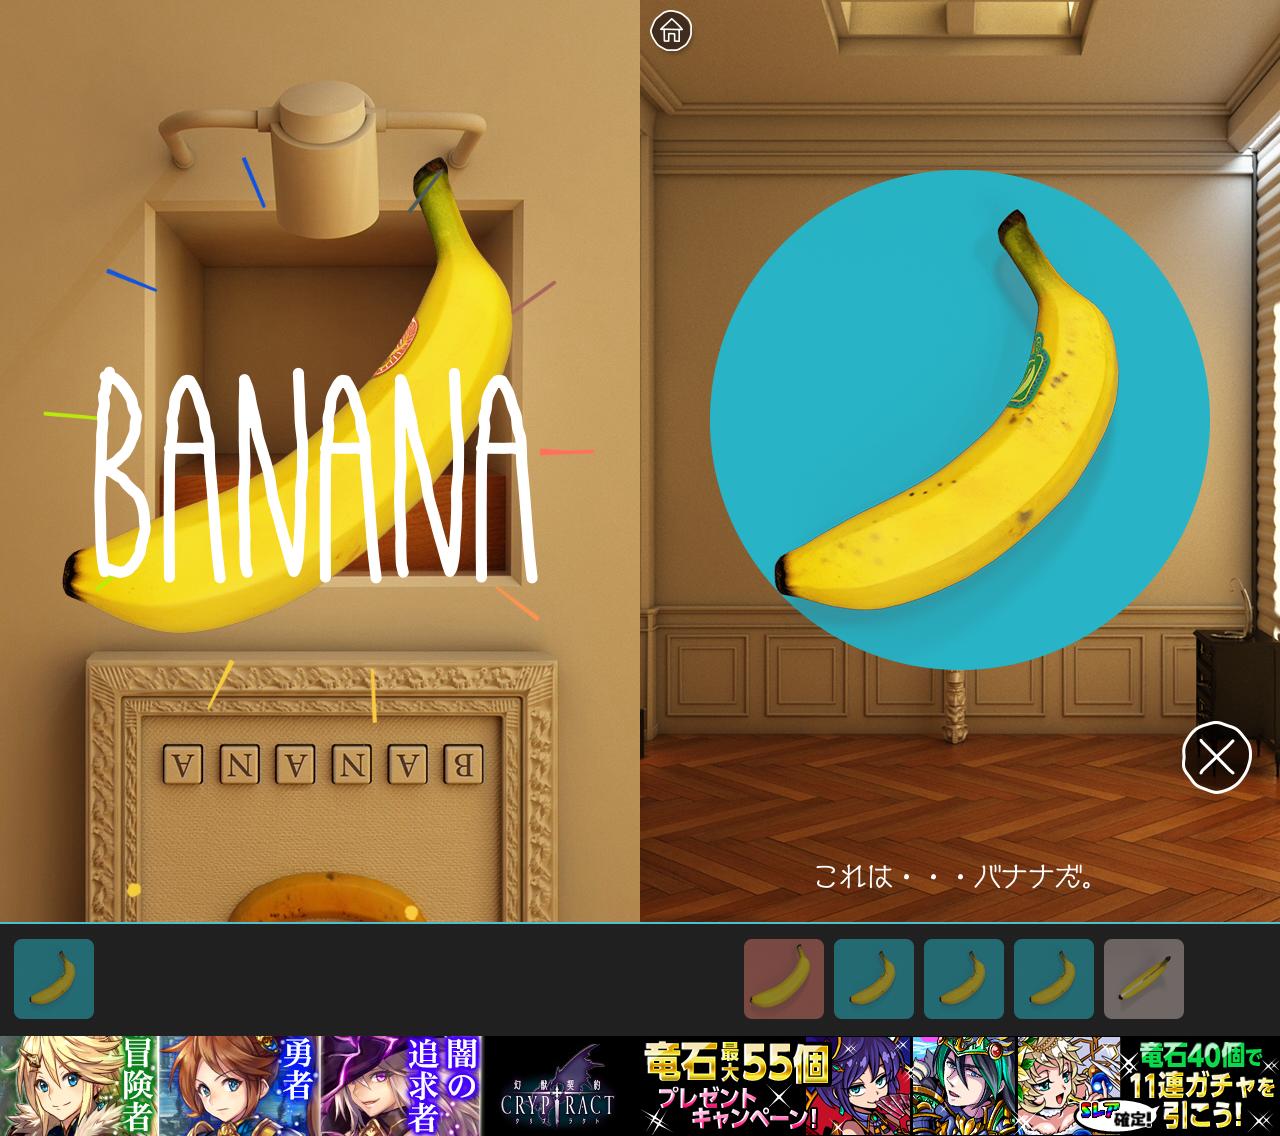 脱出ゲーム バネーナ androidアプリスクリーンショット1